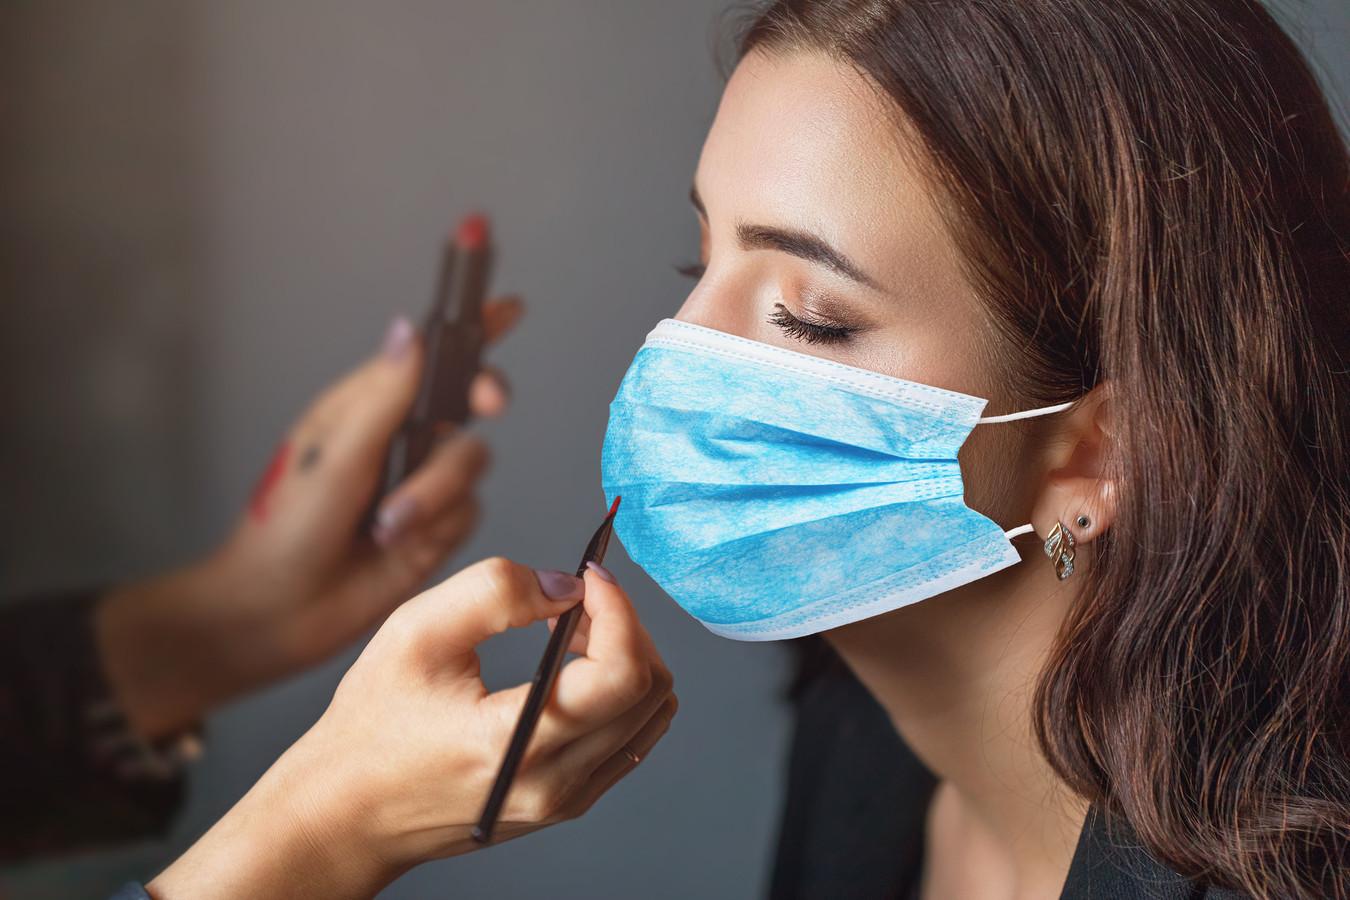 Il est possible d'éviter les boutons causés par le maquillage et la transpiration.